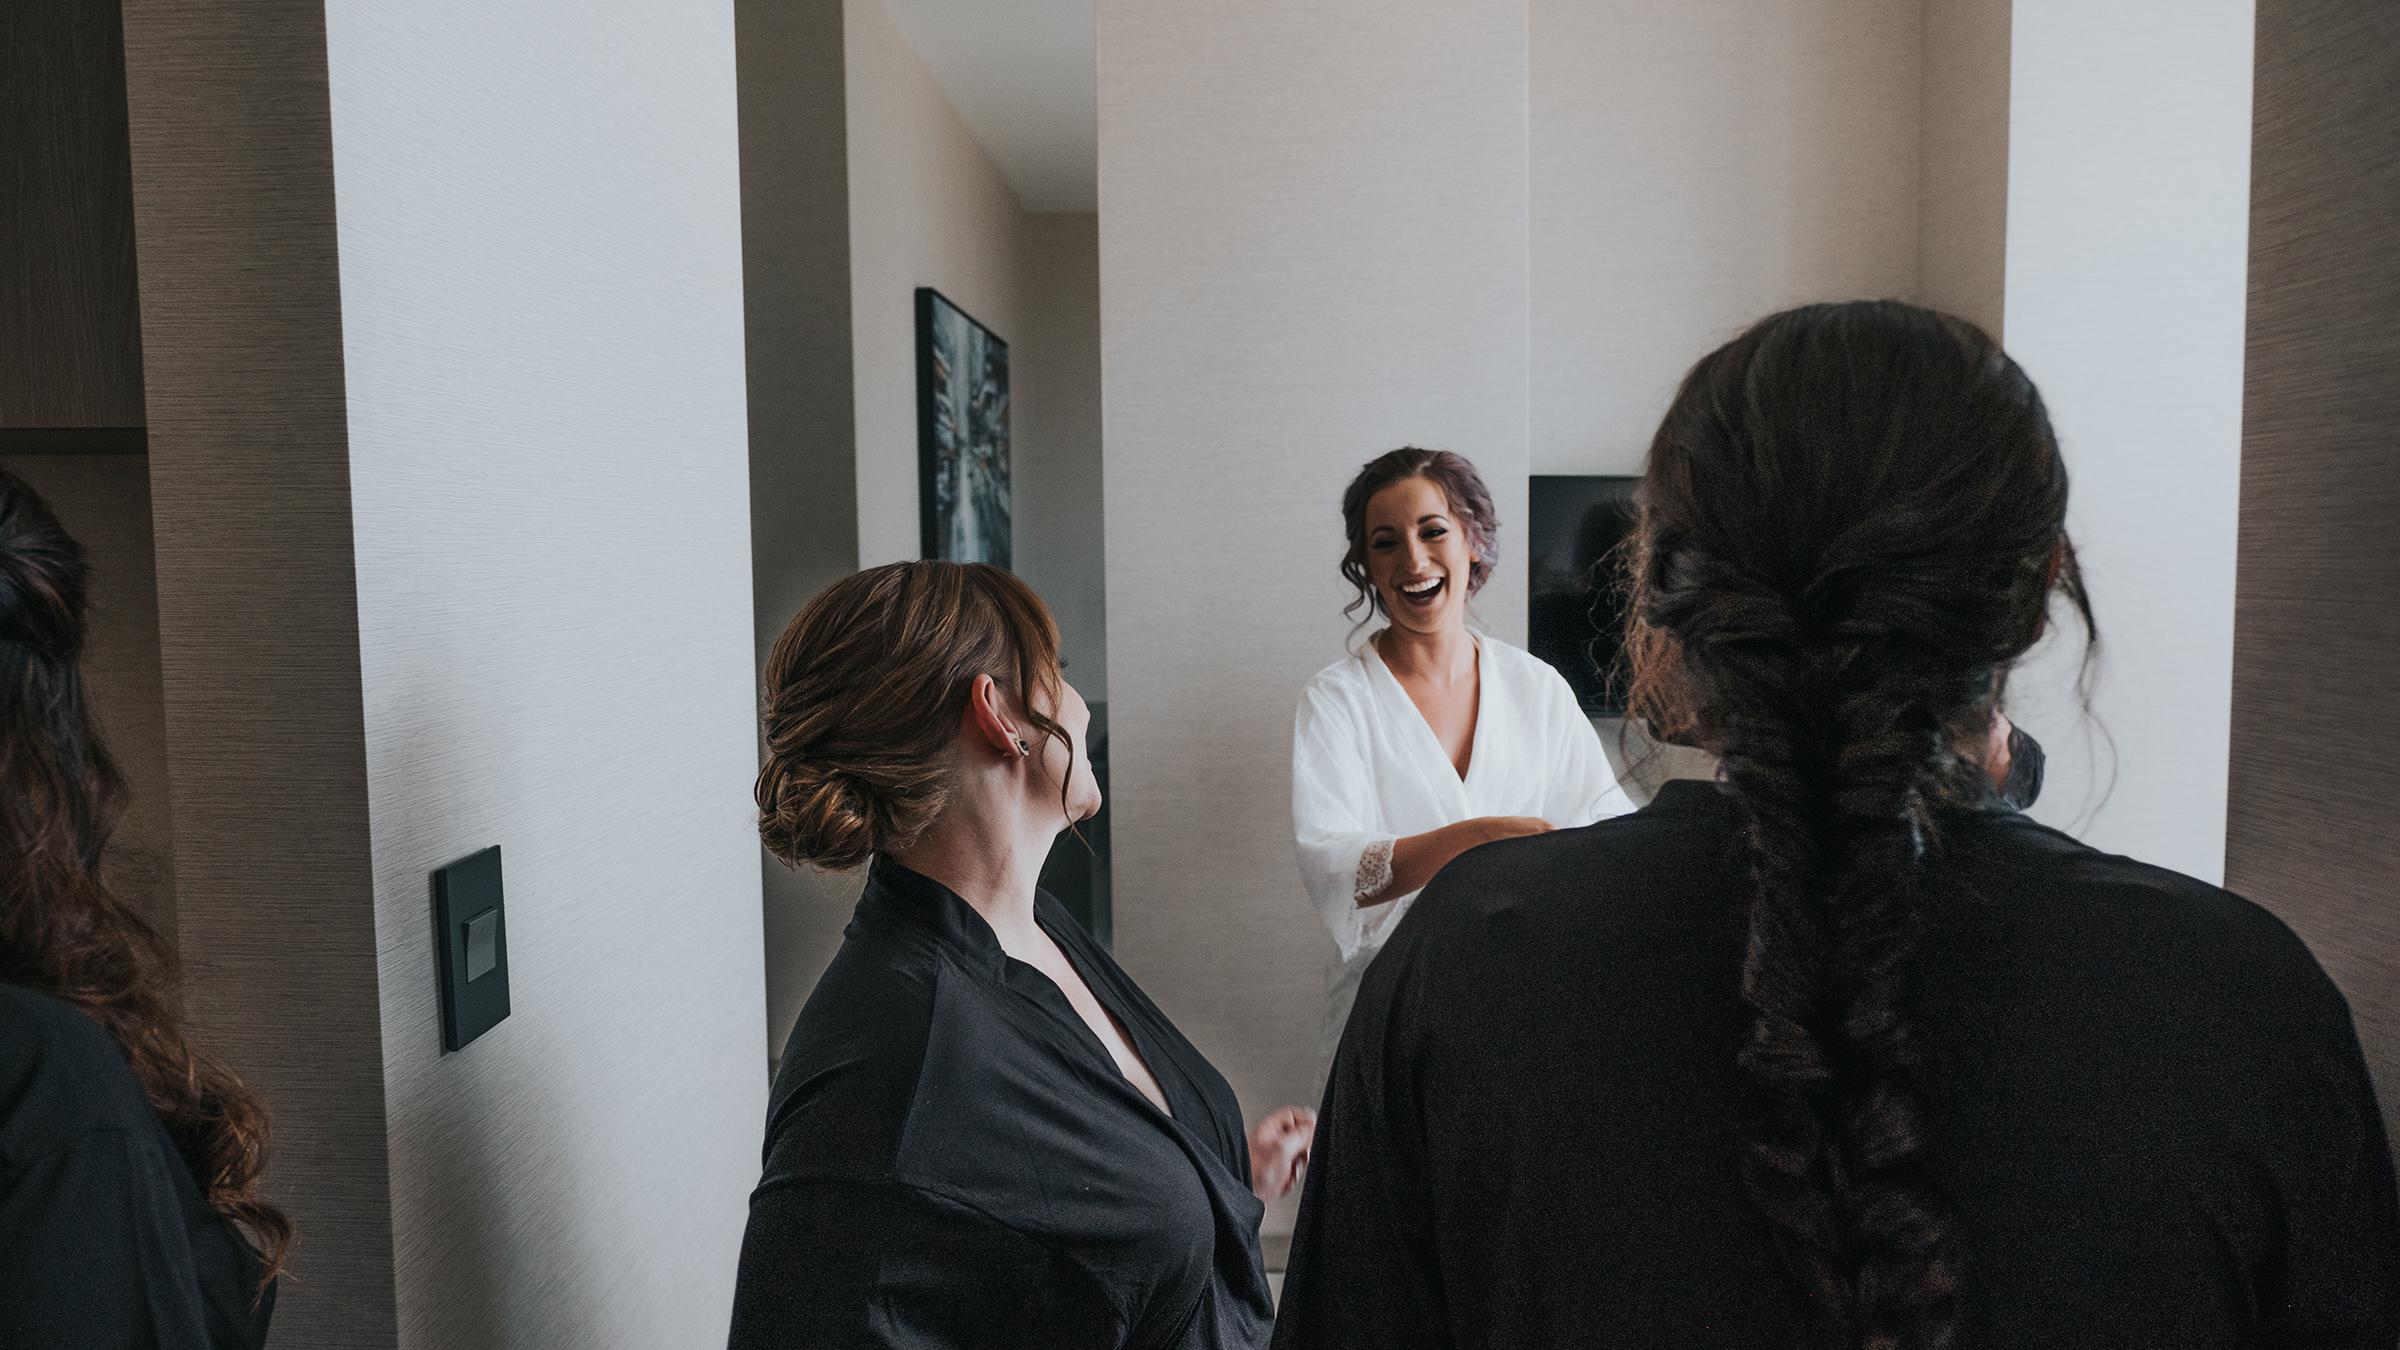 bride-laughing-getting-ready-ac-hotel-desmoines-iowa-raelyn-ramey-photography.jpg